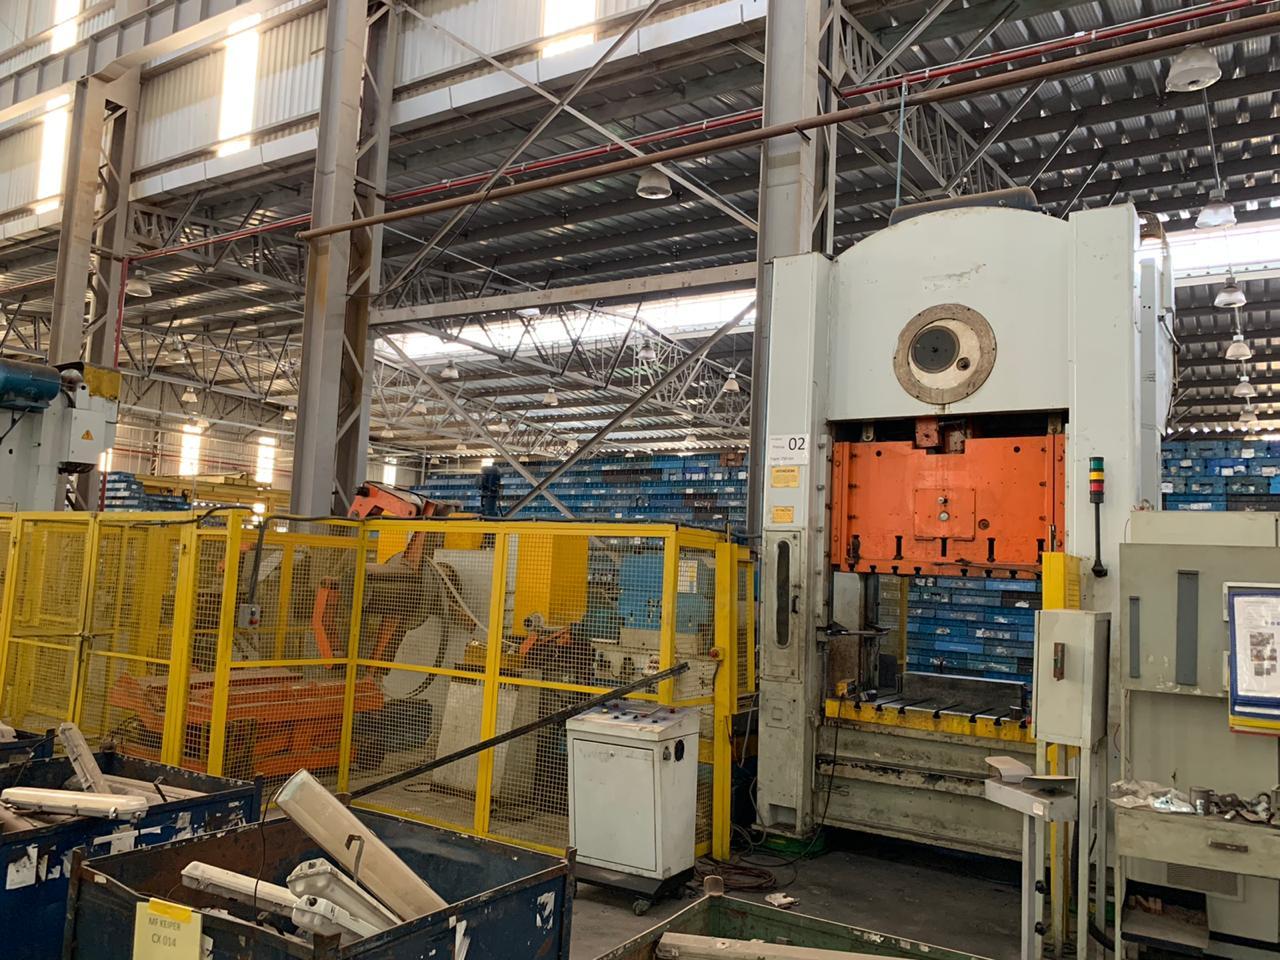 P1-Prensa Excêntrica Fagor, Scm1-2500-1500 100, 250 ton